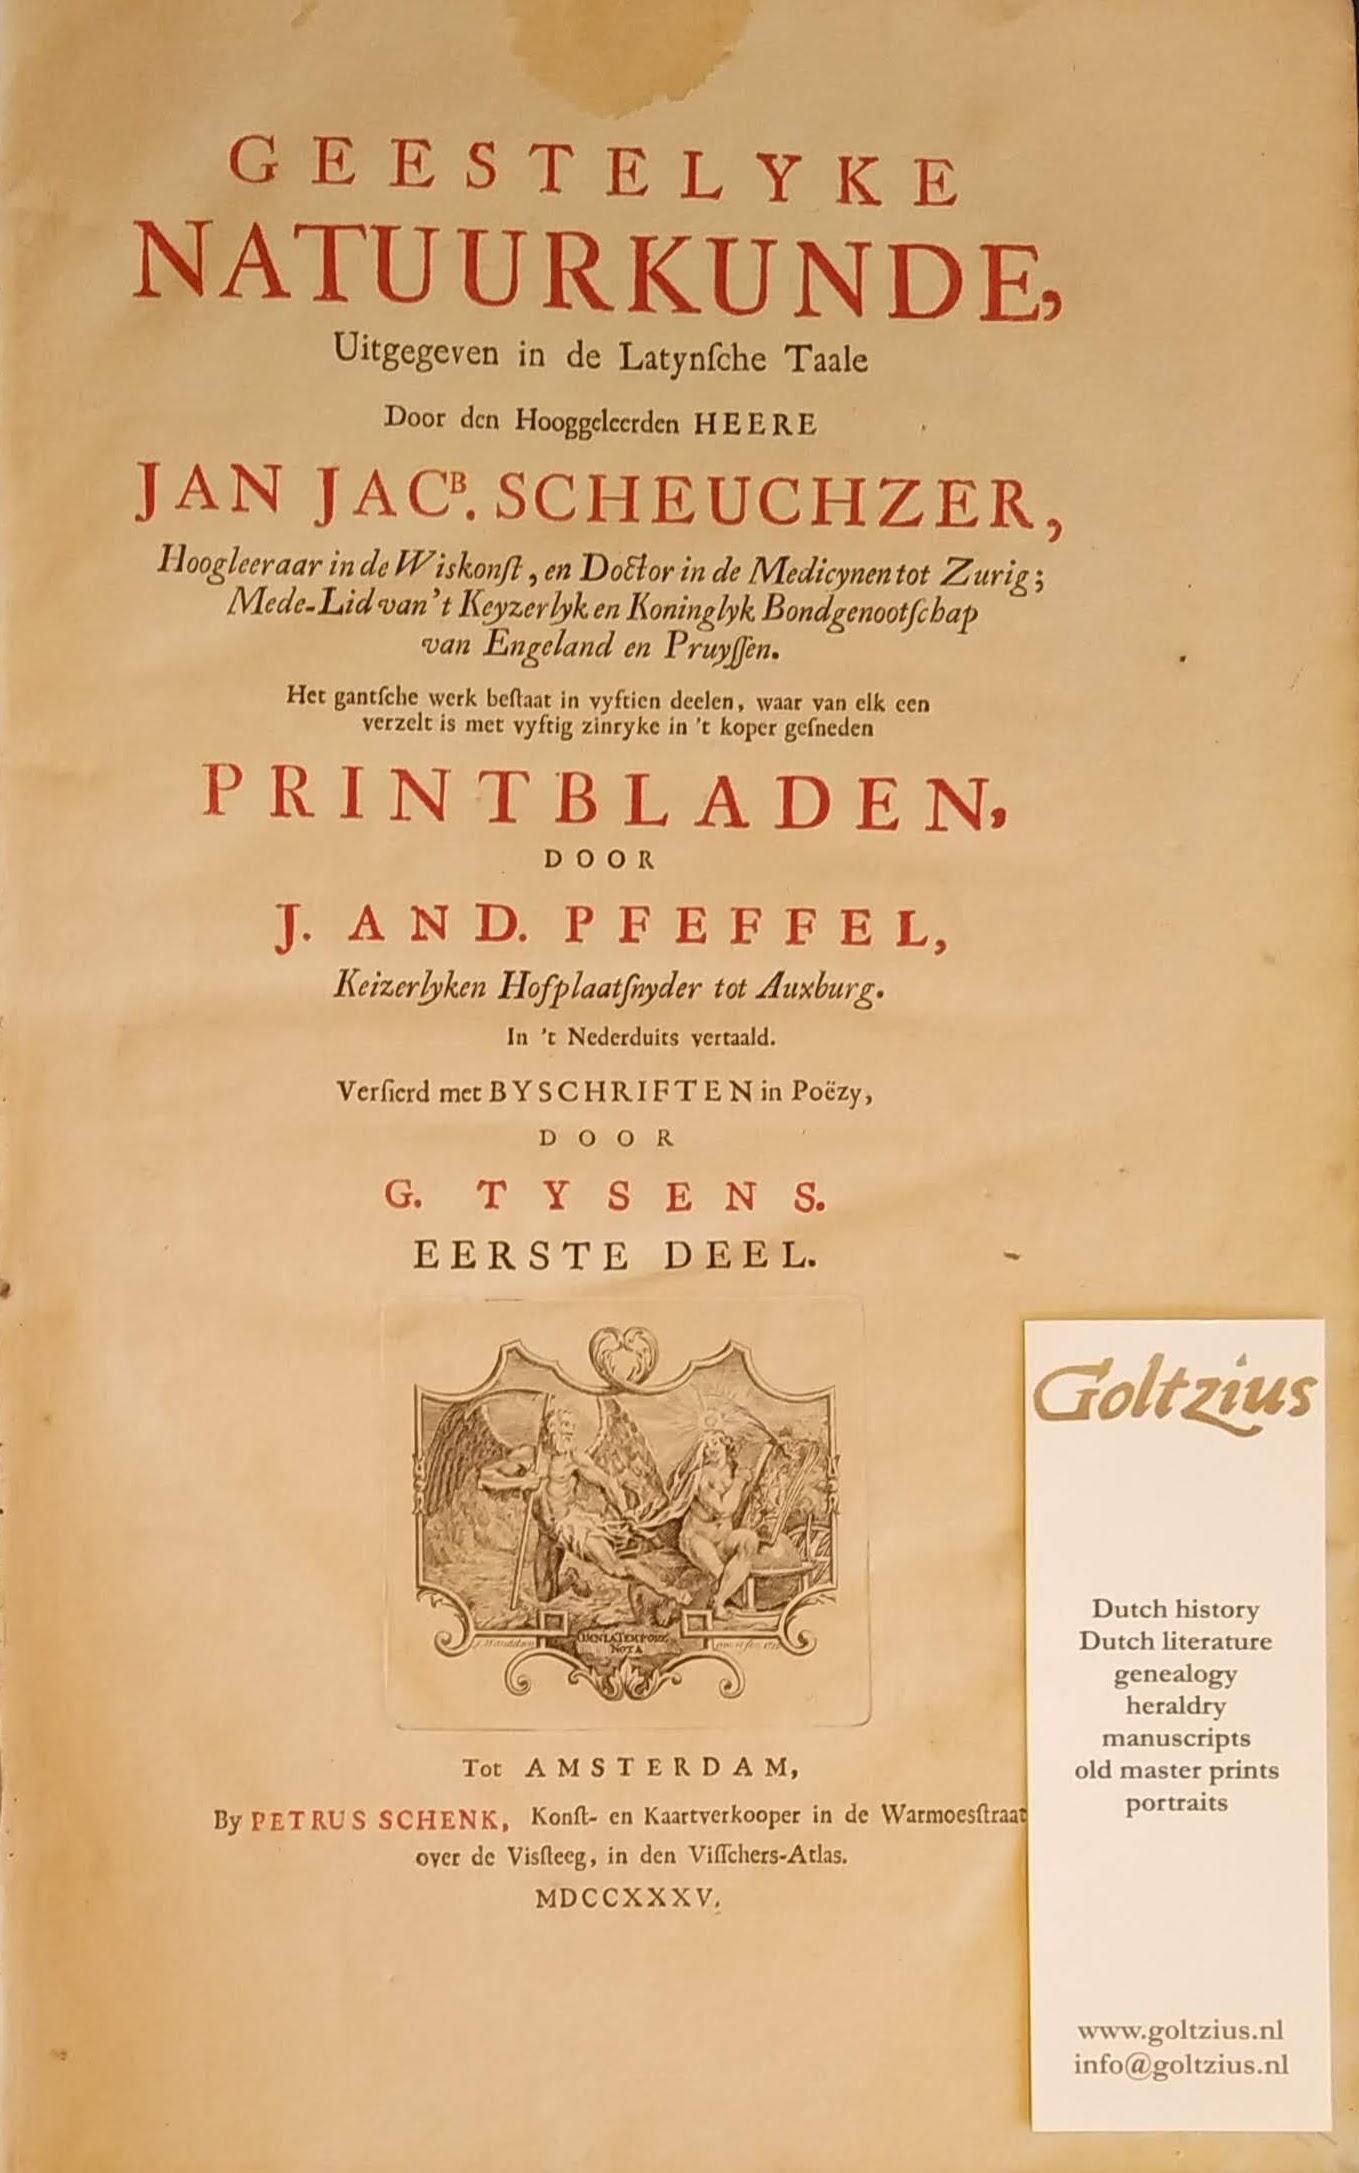 SCHEUCHZER, J.J., Geestelyke natuurkunde